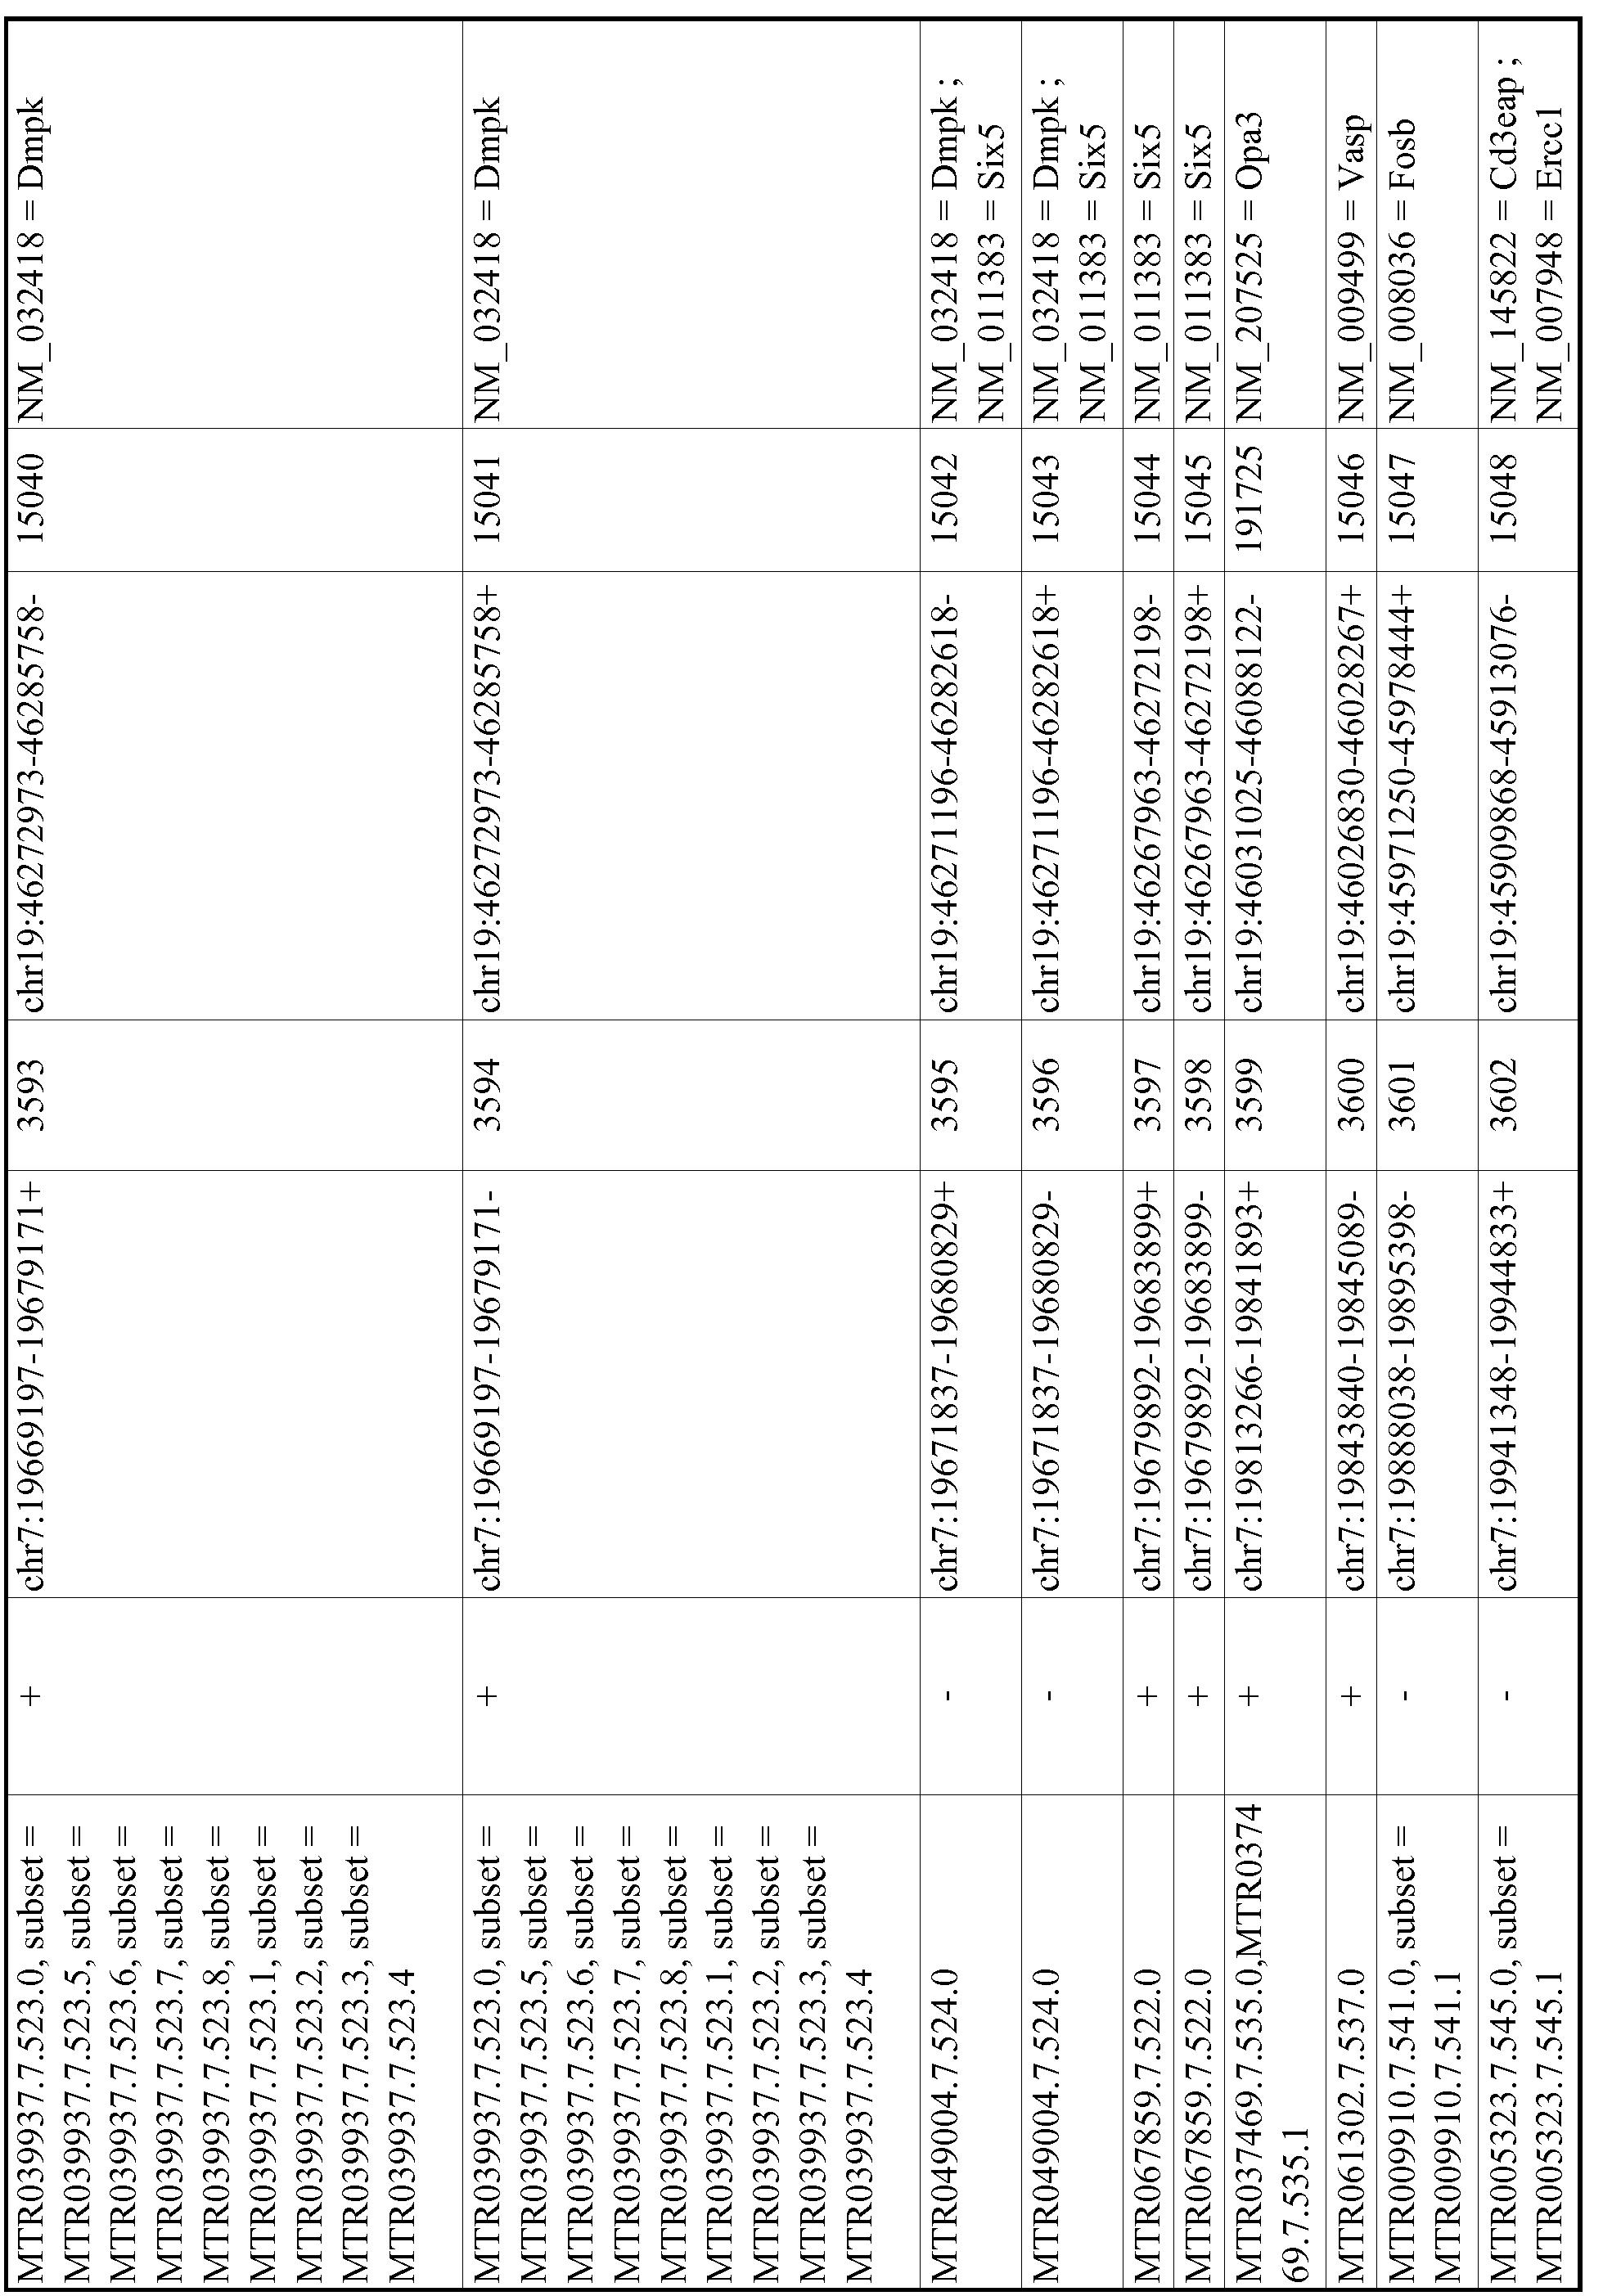 Figure imgf000698_0001